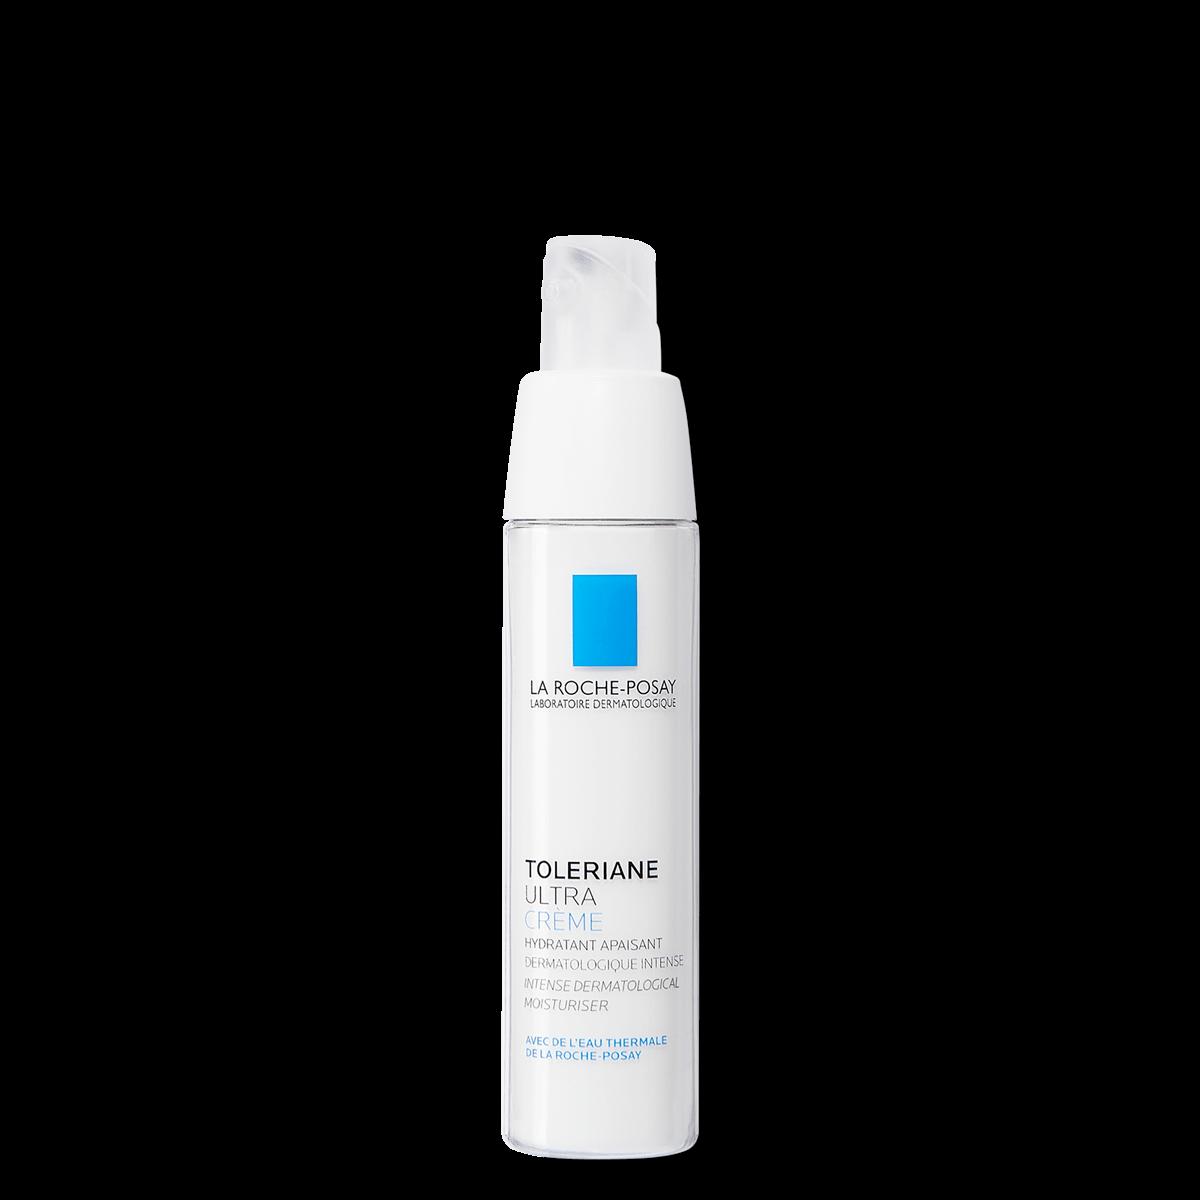 LaRochePosay Tuote Atopiaan taipuvainen iho Toleriane UltraCream 40ml 3337872412486 FSS 2